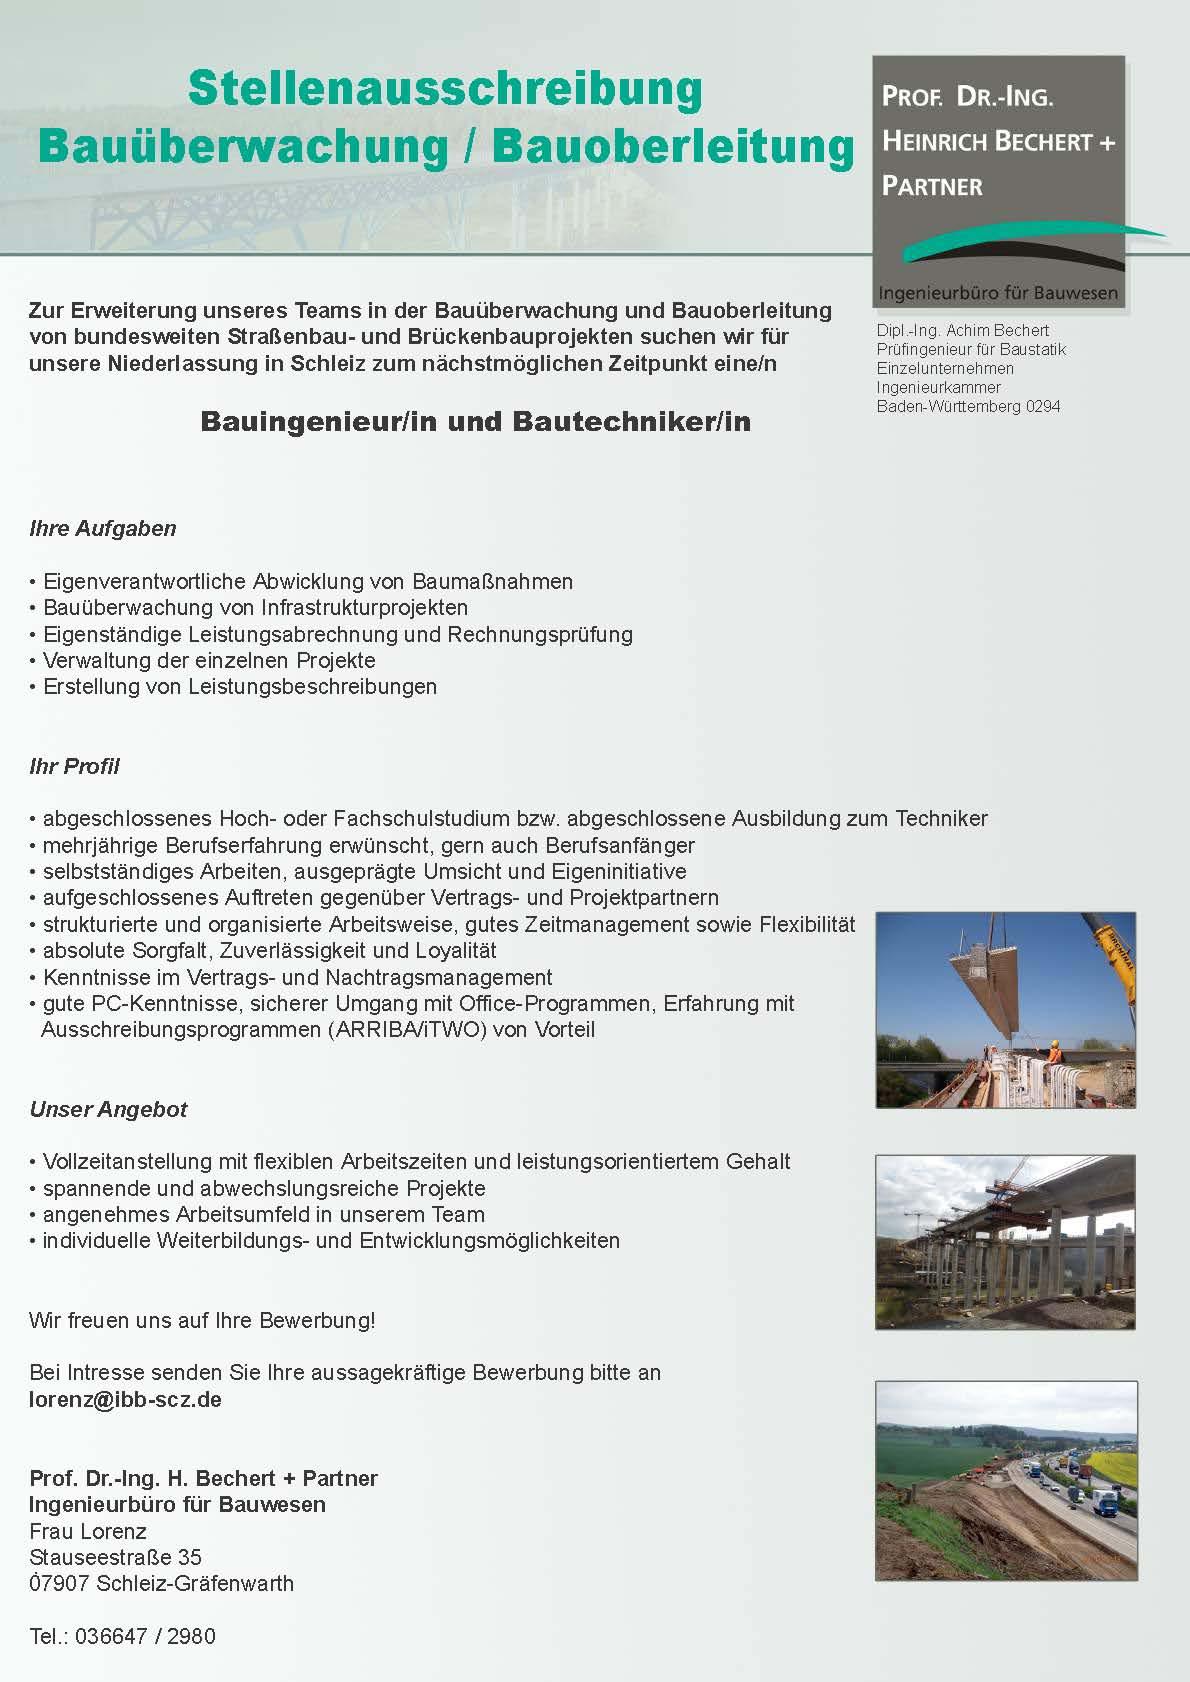 Zur Erweiterung unseres Teams suchen wir Bauingenieure (w/m) und  Bautechniker (w/m) in der Bauüberwachung und Bauoberleitung von  bundesweiten Straßenbau- ...